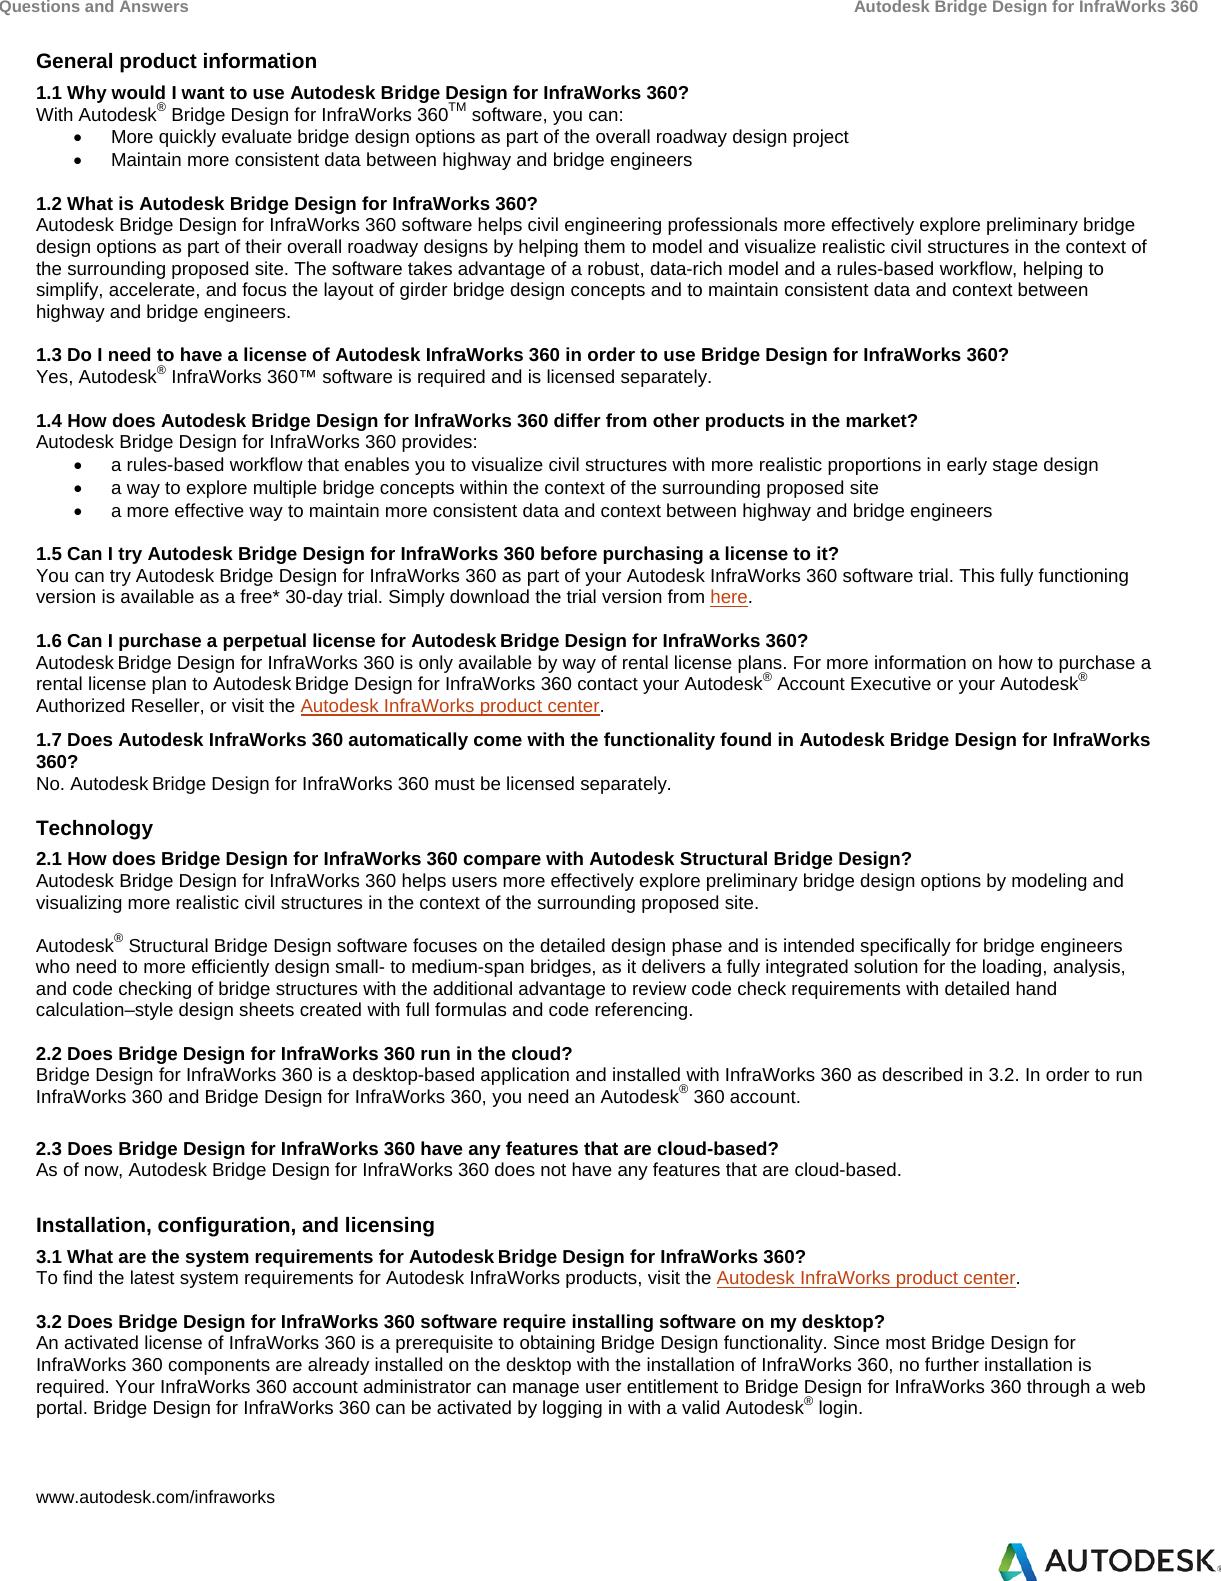 Bridge design infraworks 360 2014 faq enx For Infra Works FAQs